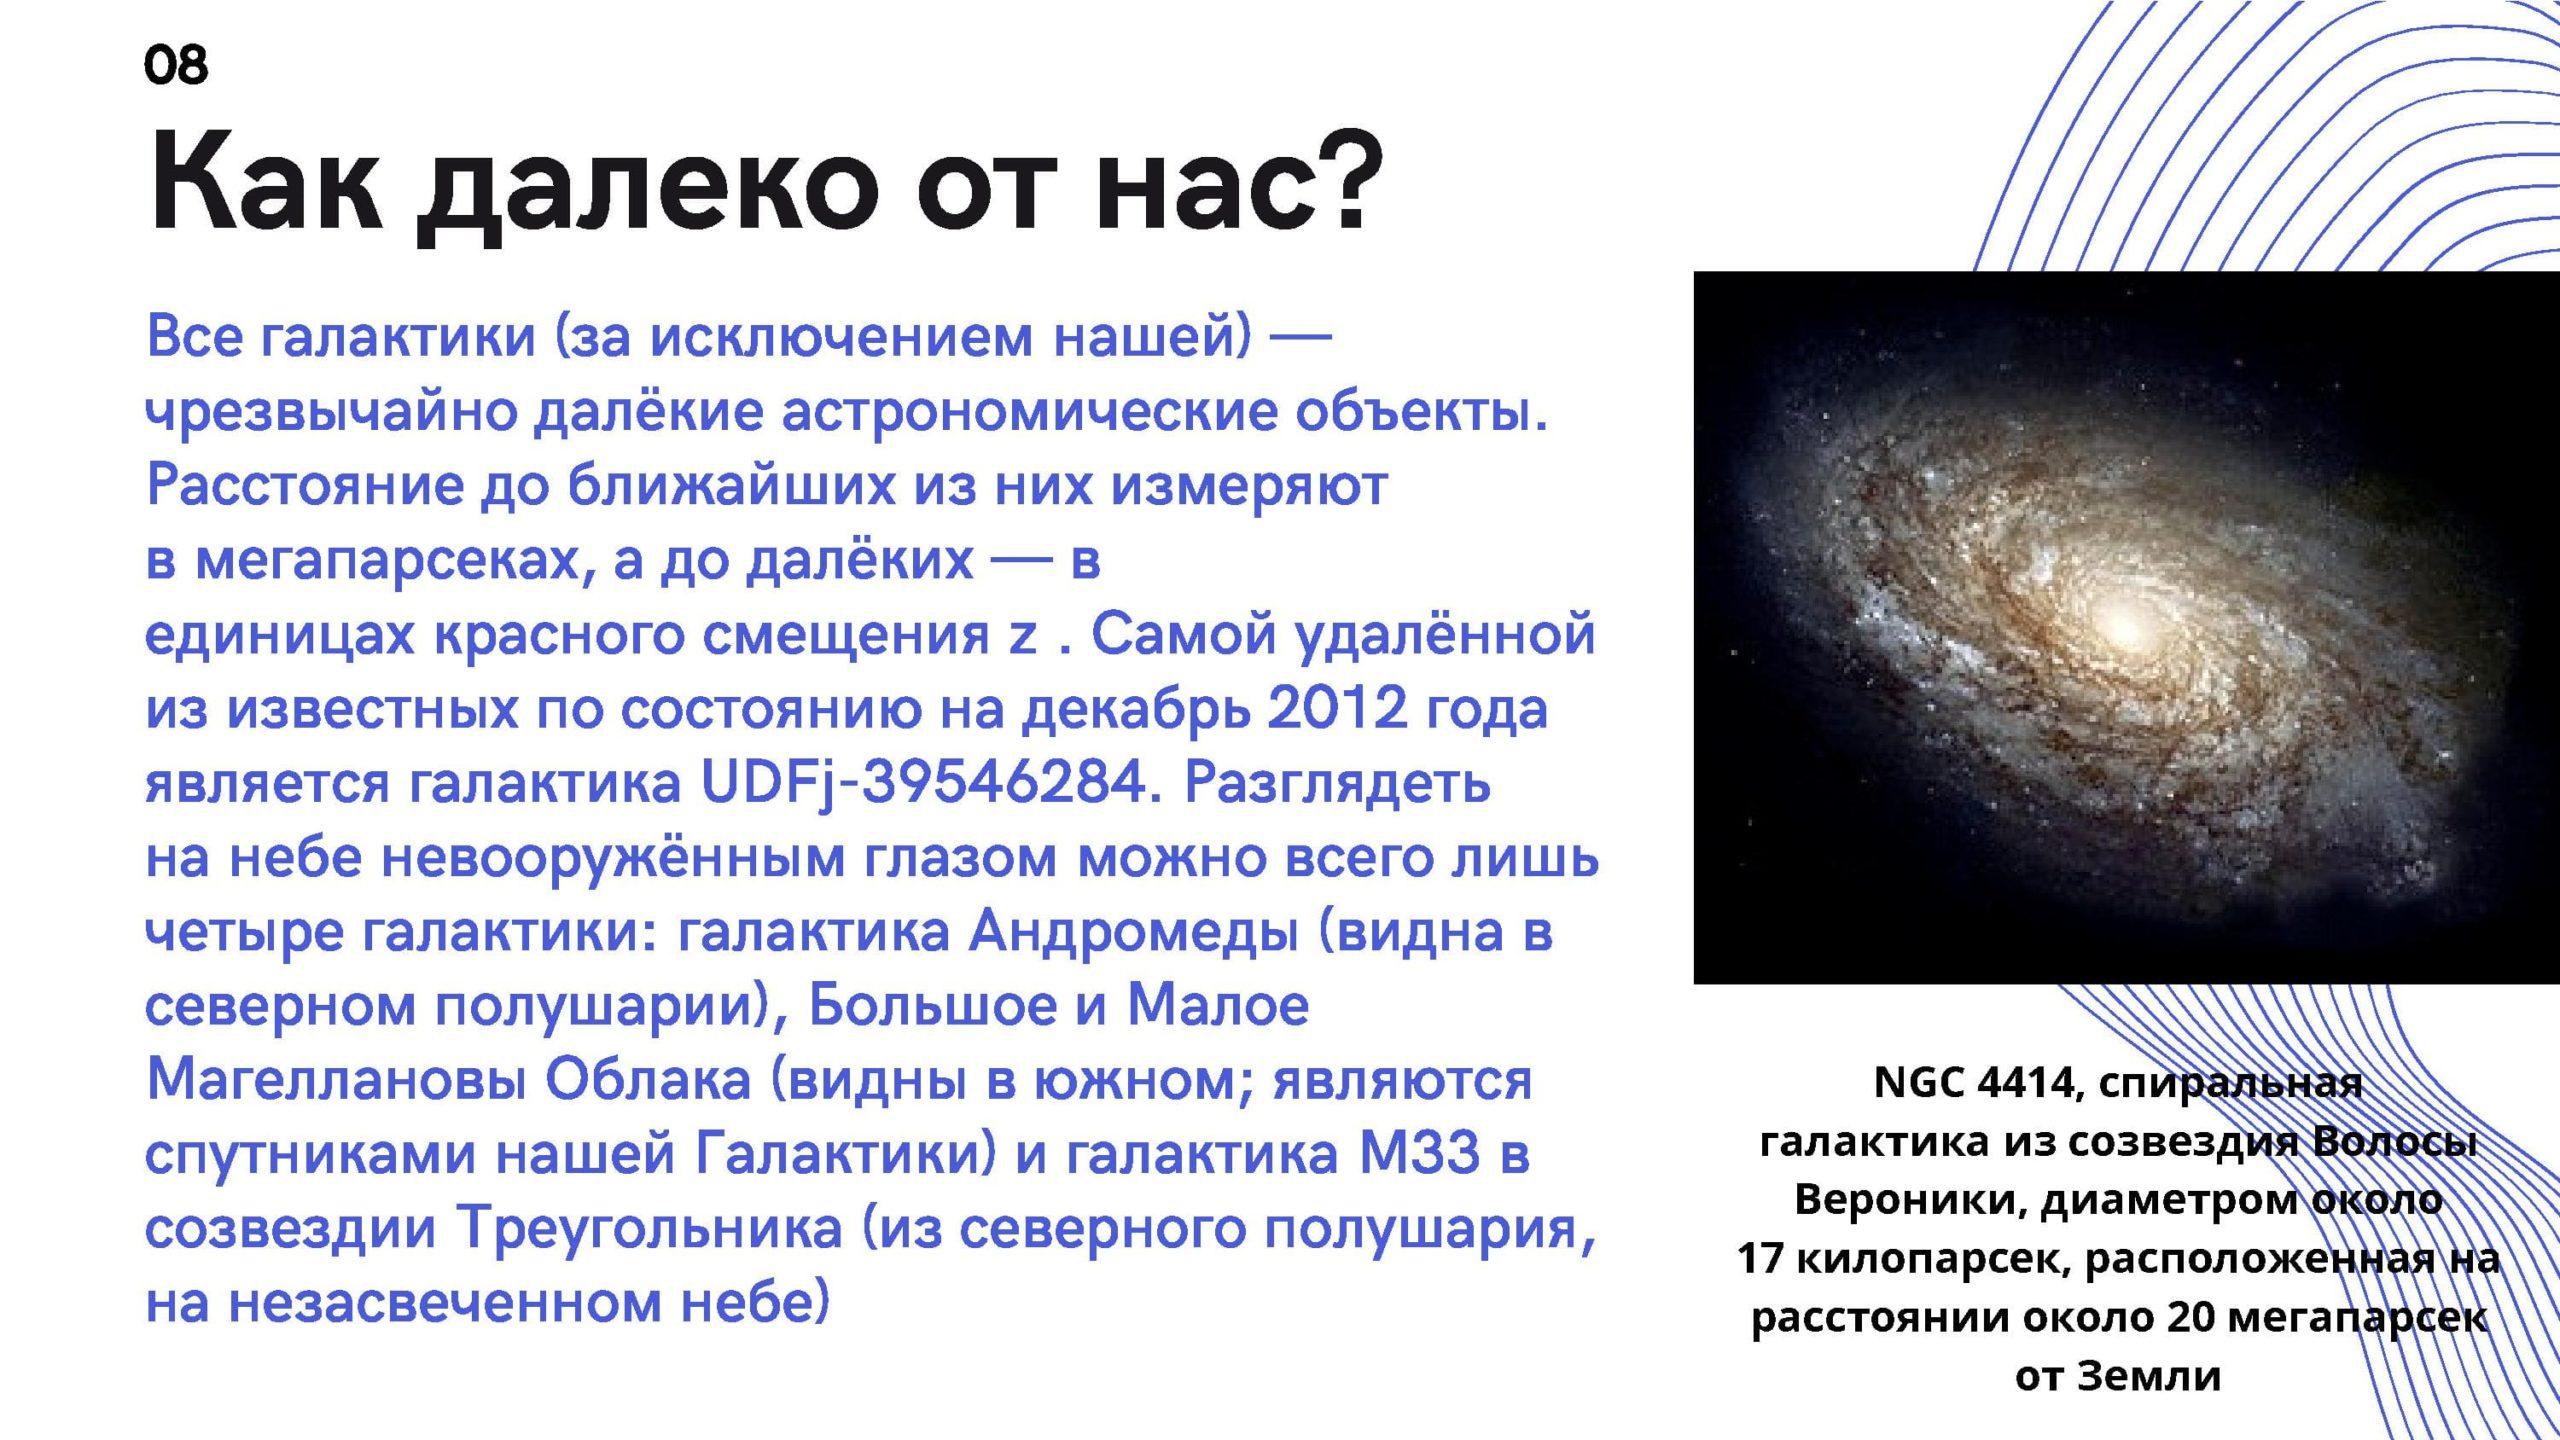 Как далеко от нас? Все галактики (за исключением нашей) - чрезвычайно далёкие